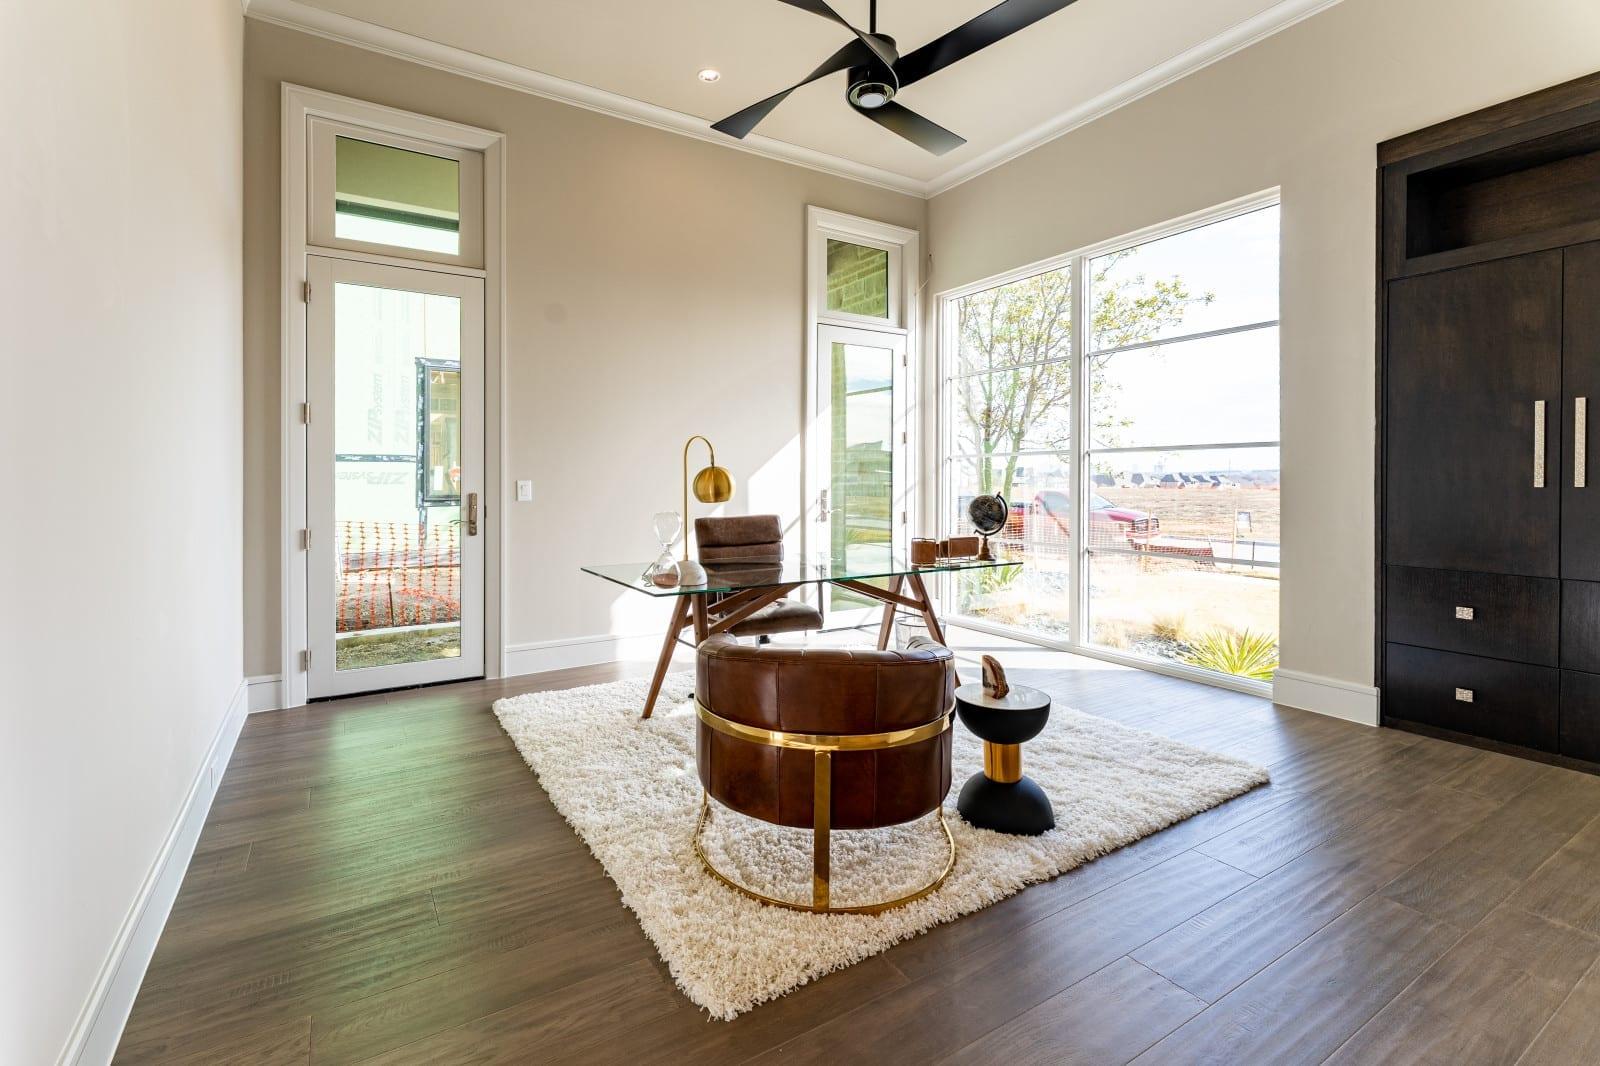 modern home design 8 - Millennial Design + Build